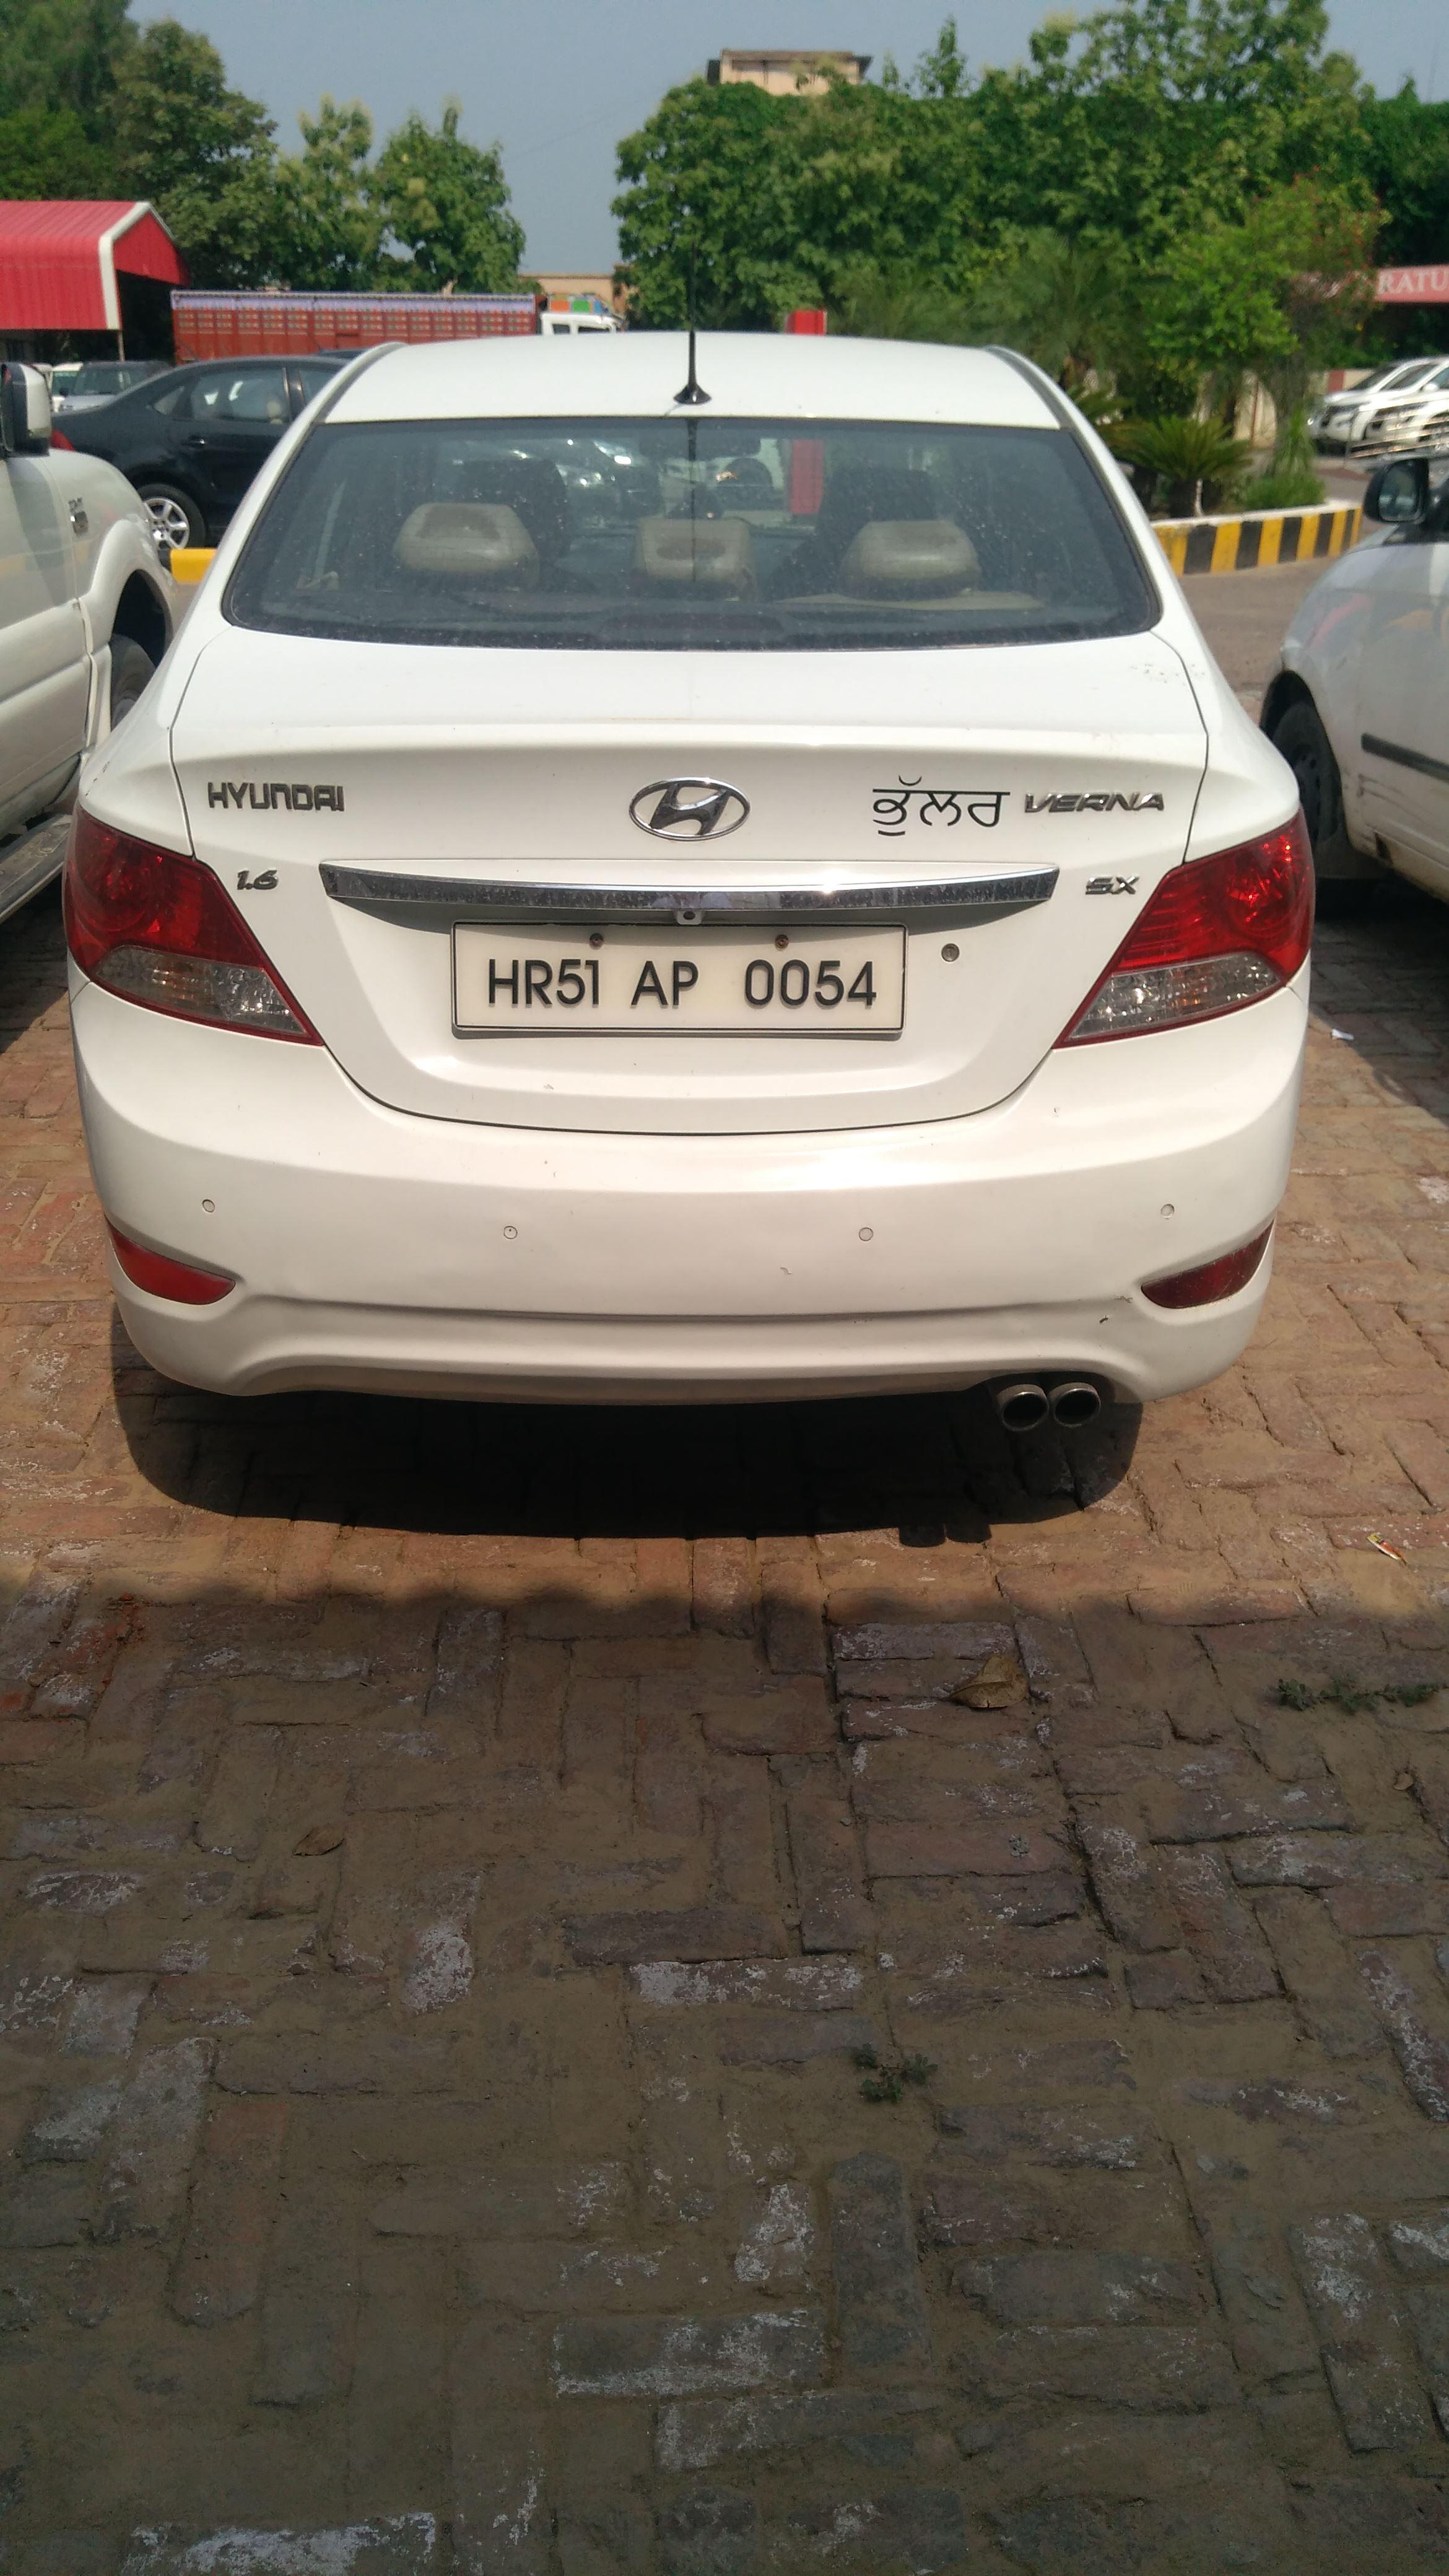 2012 Used Hyundai Verna FLUIDIC 1.6 SX CRDI